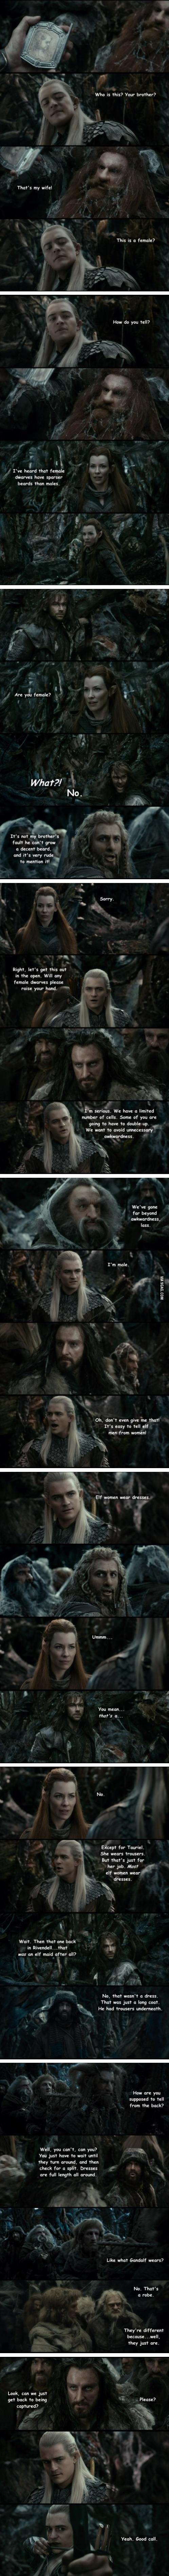 Elves and Dwarves: